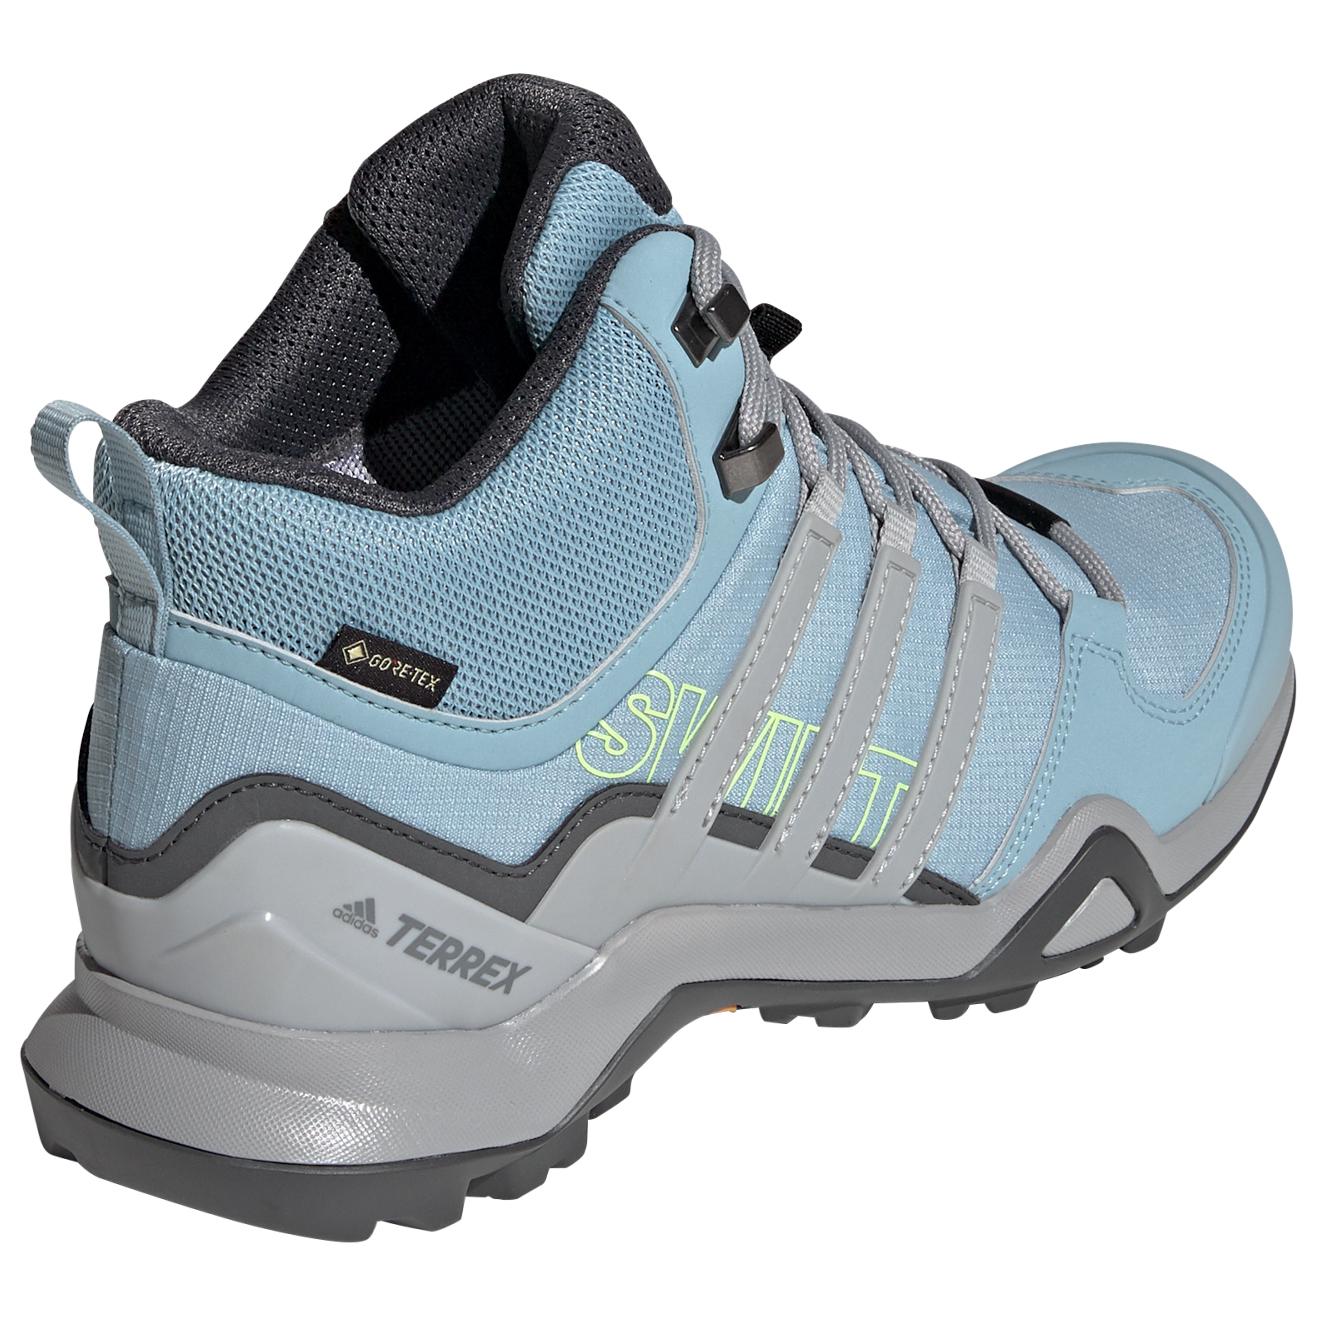 58649e3efa378 ... adidas - Women s Terrex Swift R2 Mid GTX - Vandringskängor ...